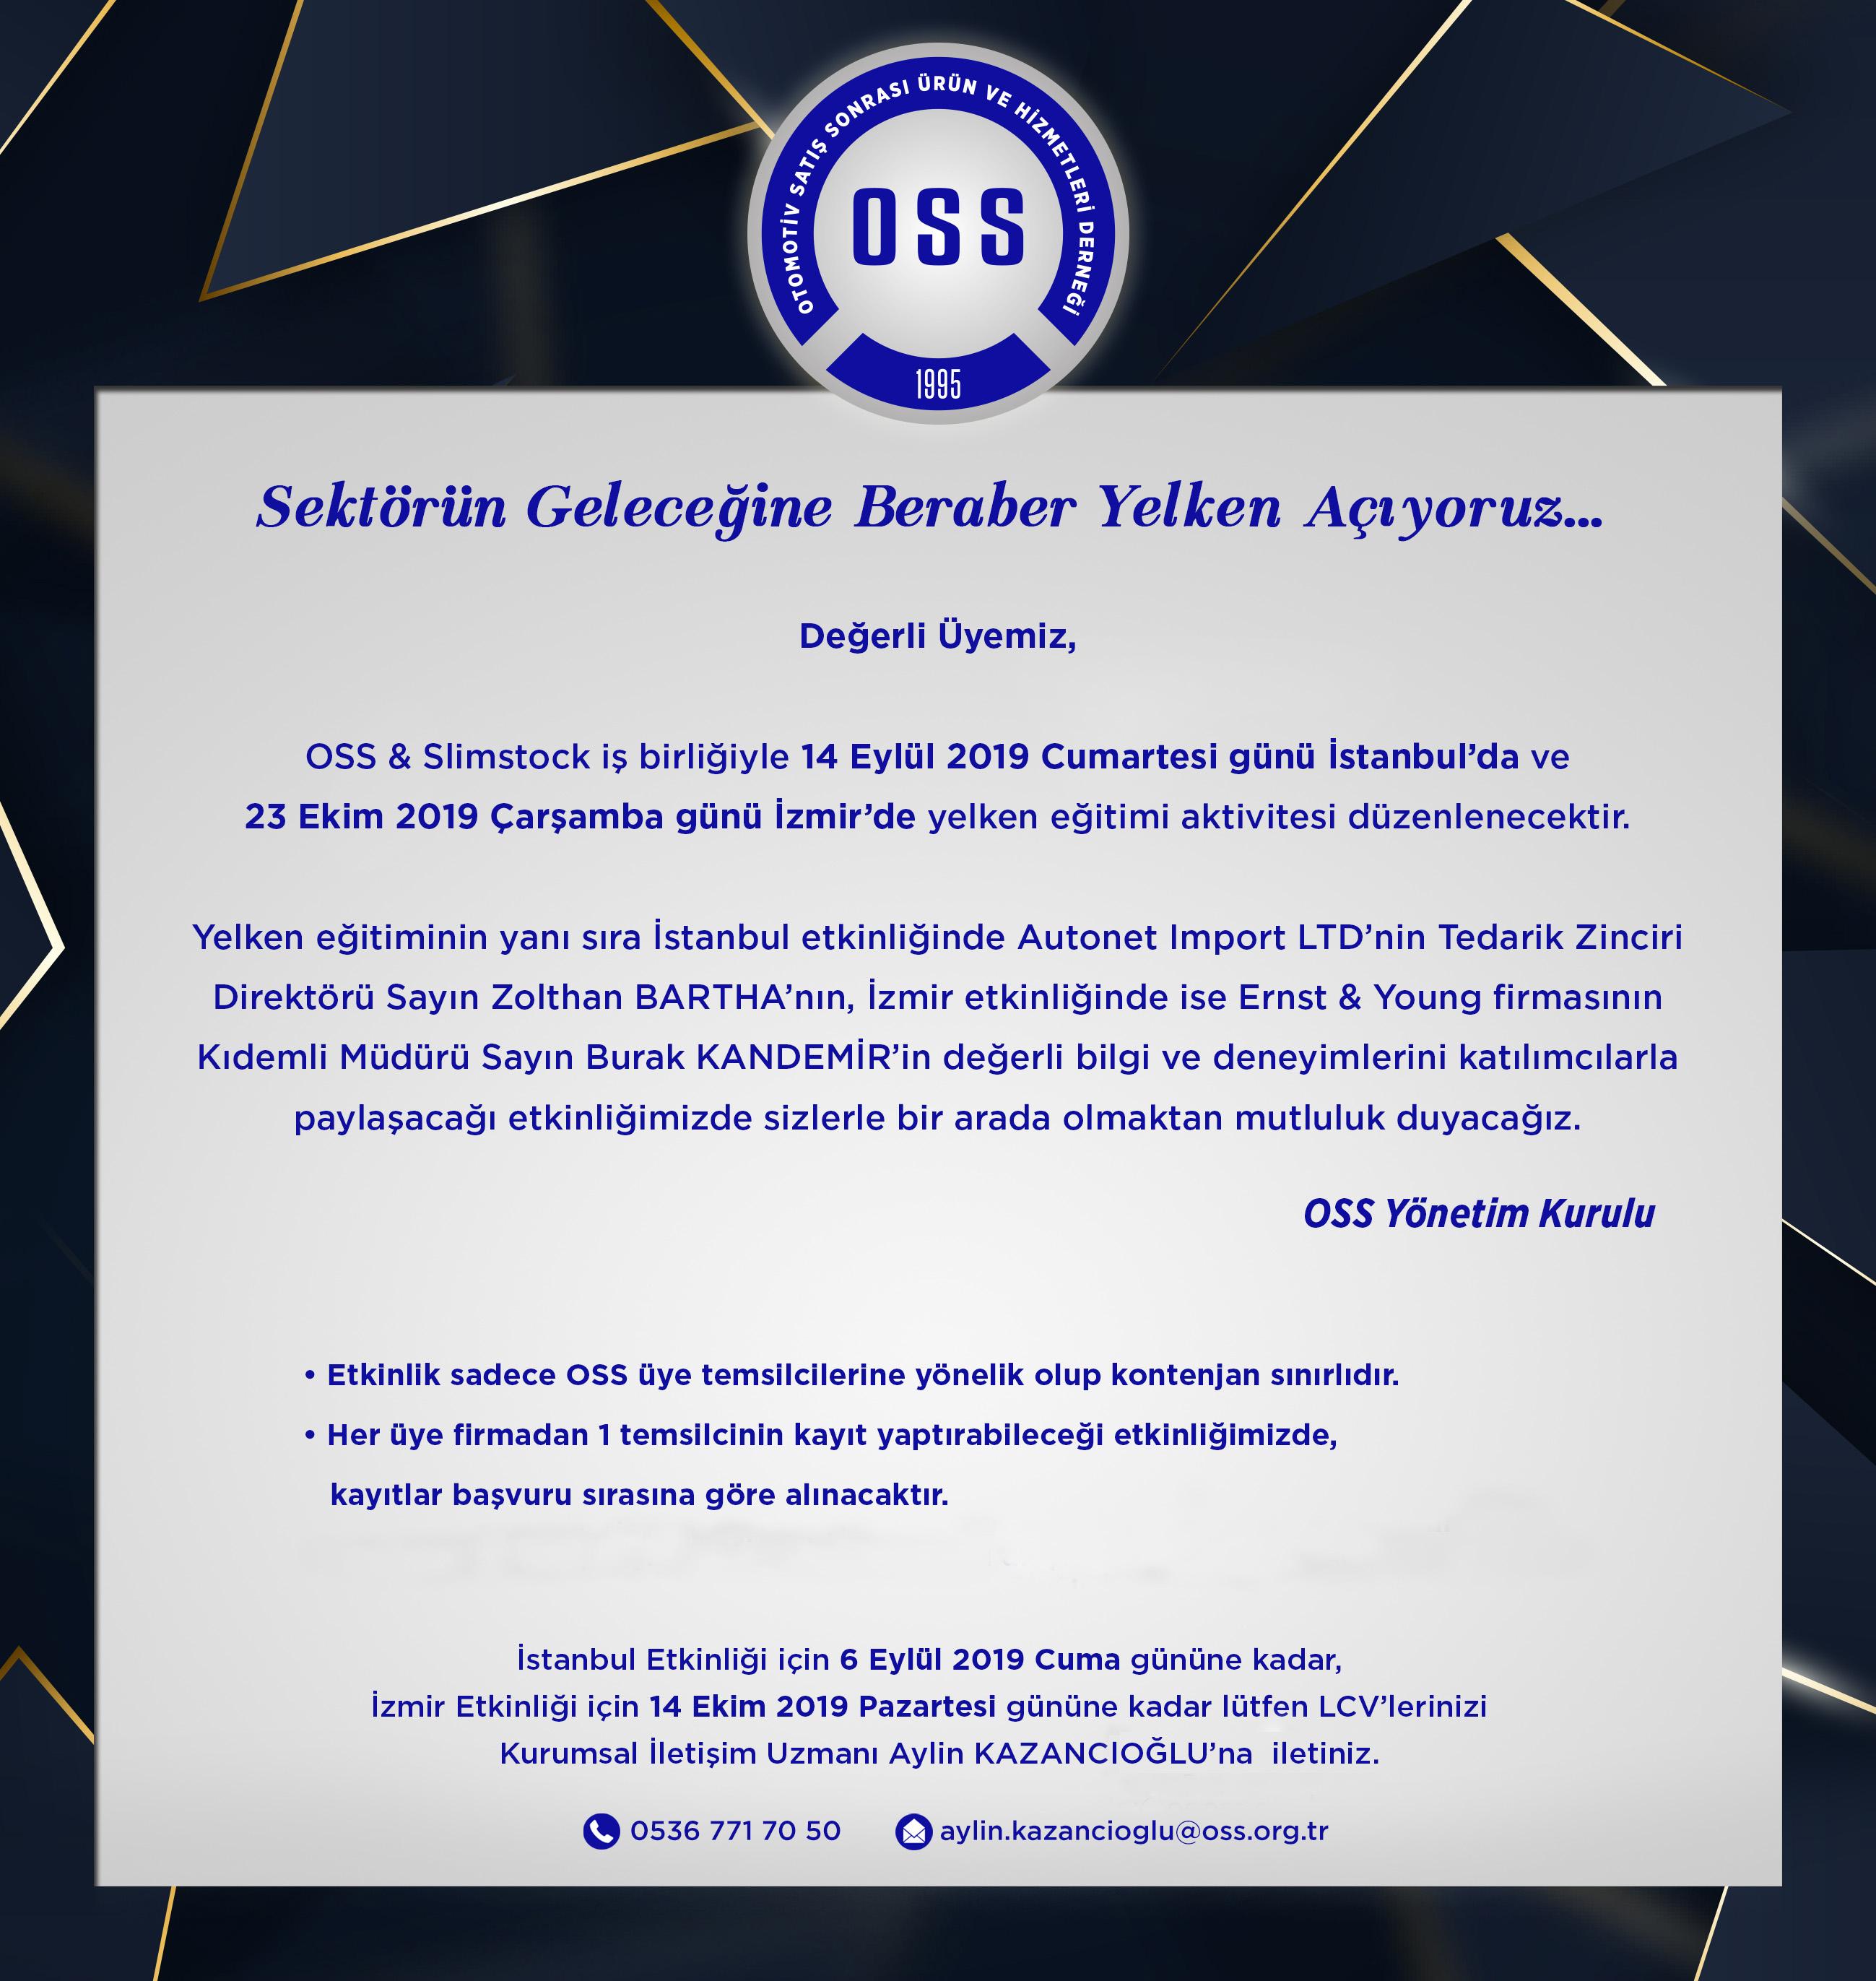 OSS & Slimstock Yelken Etkinliği